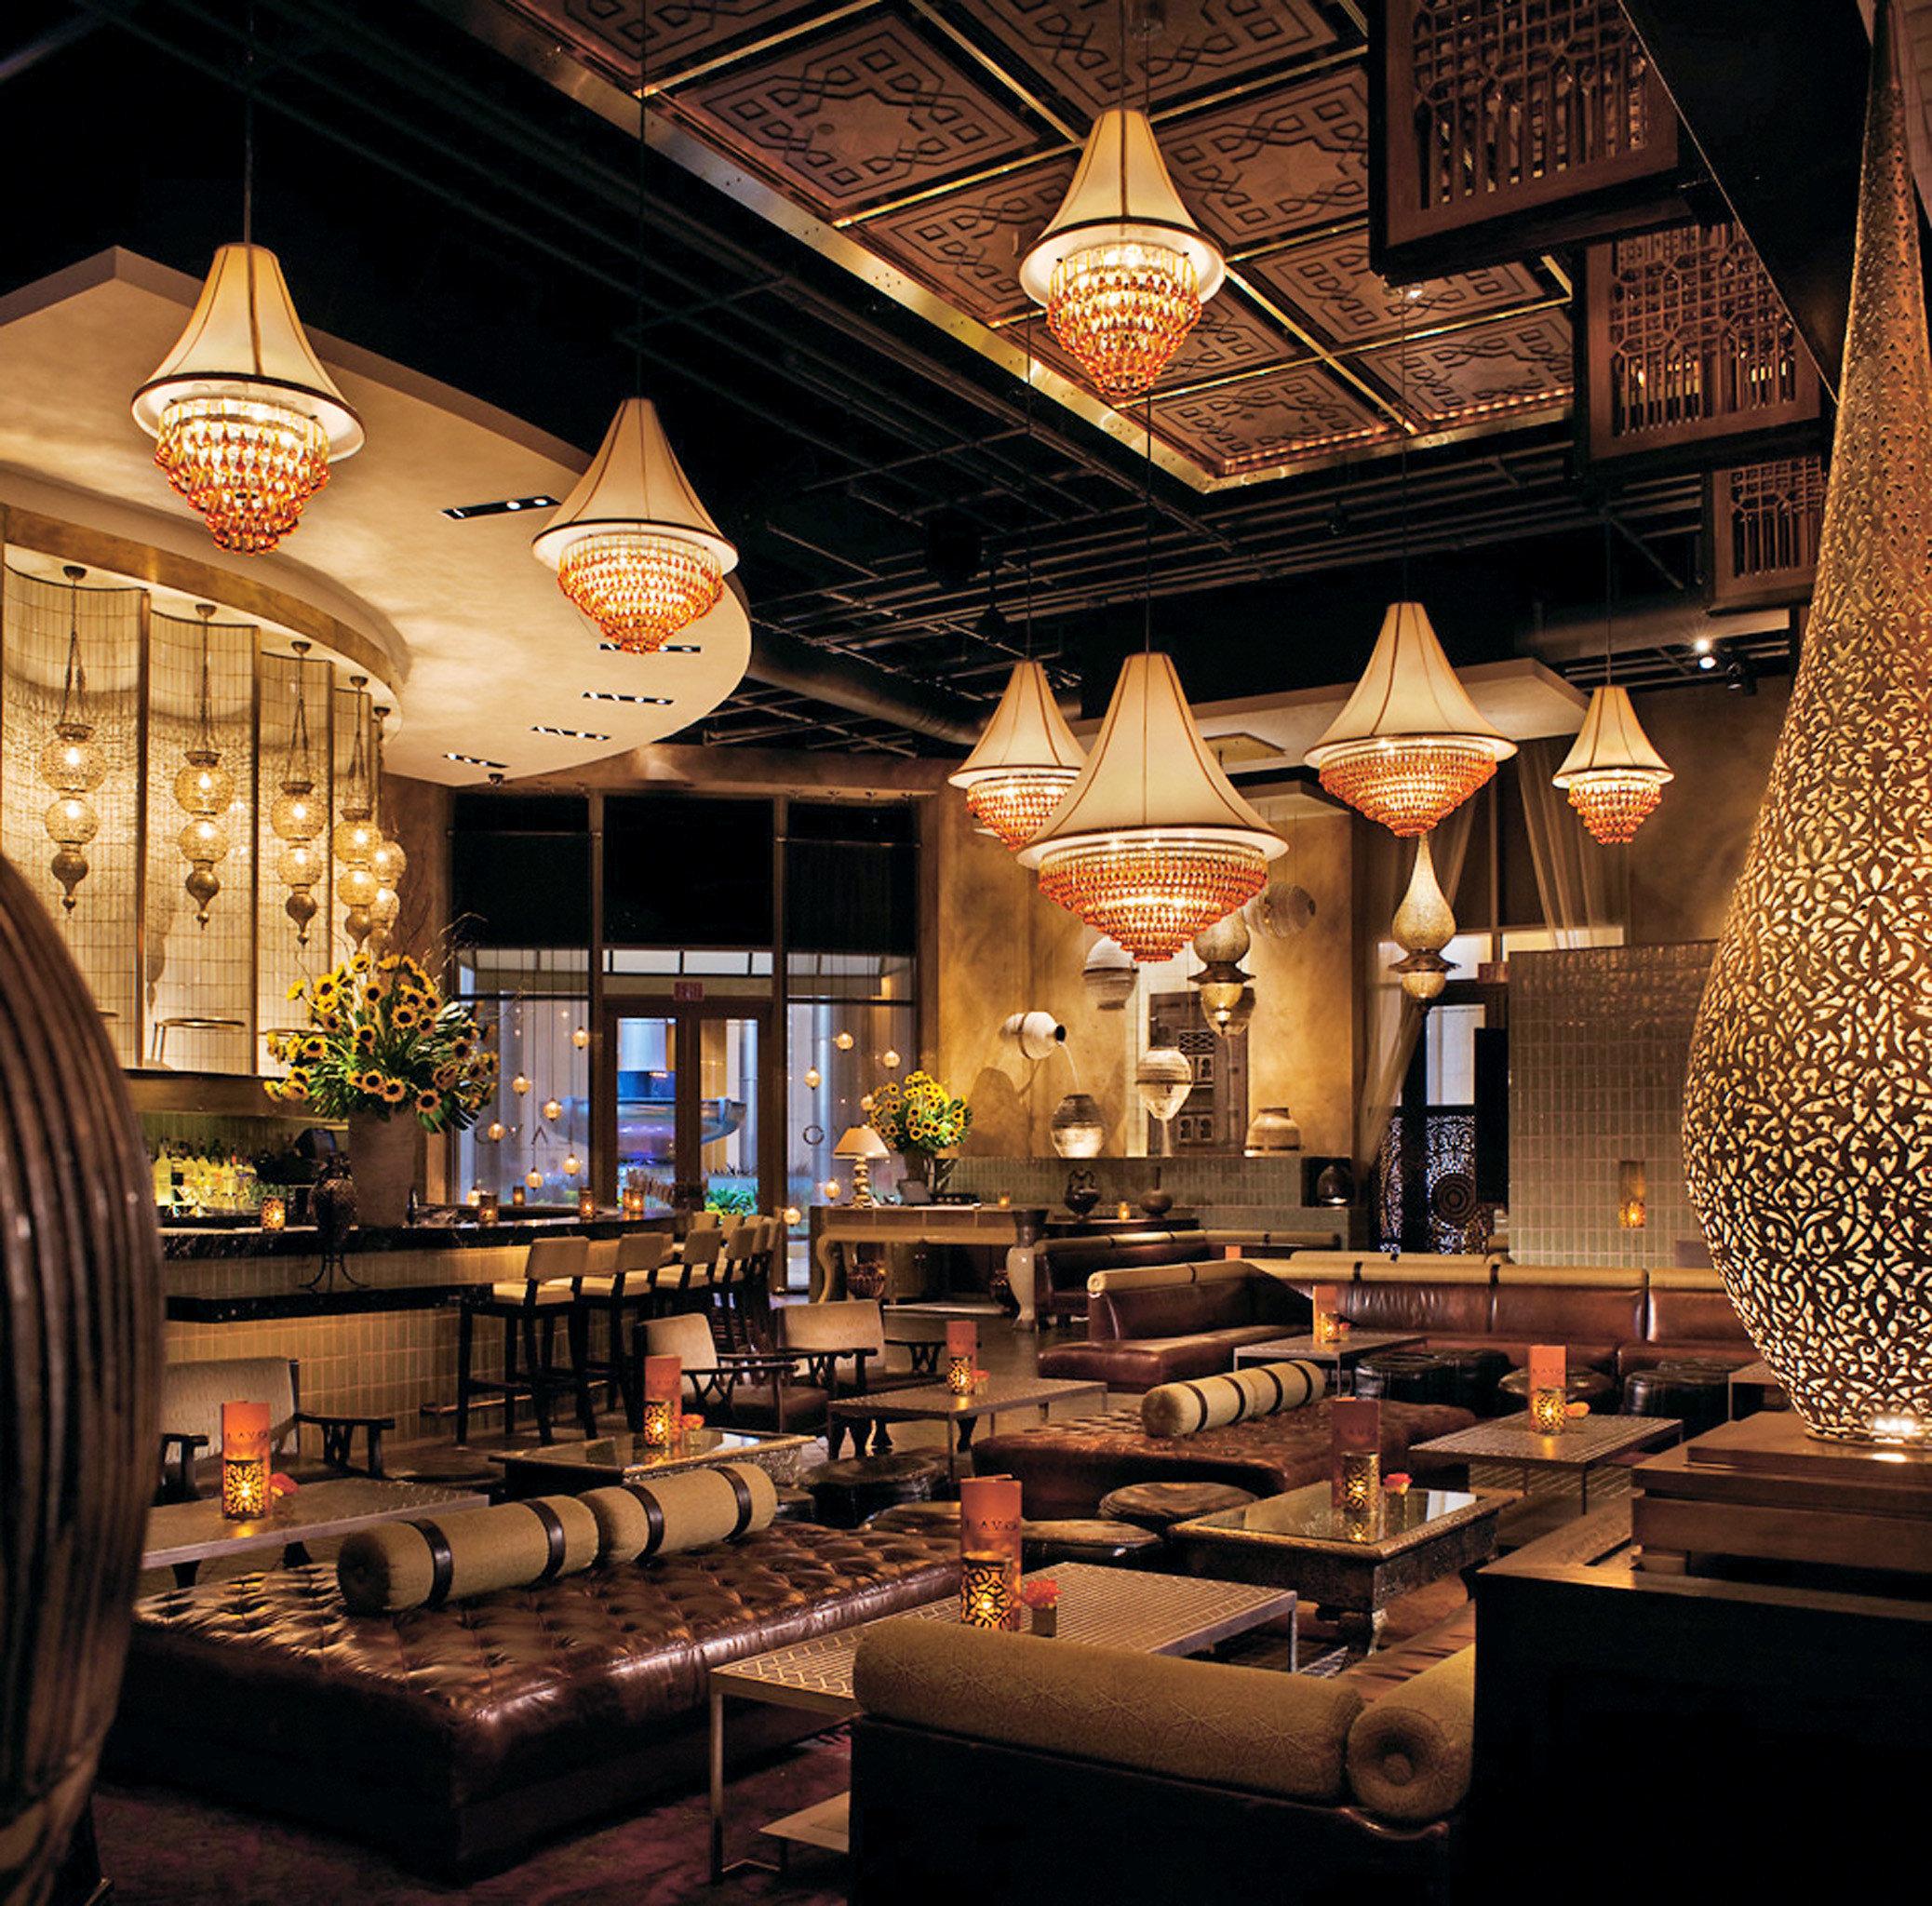 Bar City Dining Drink Eat Eco Nightlife restaurant Lobby Resort